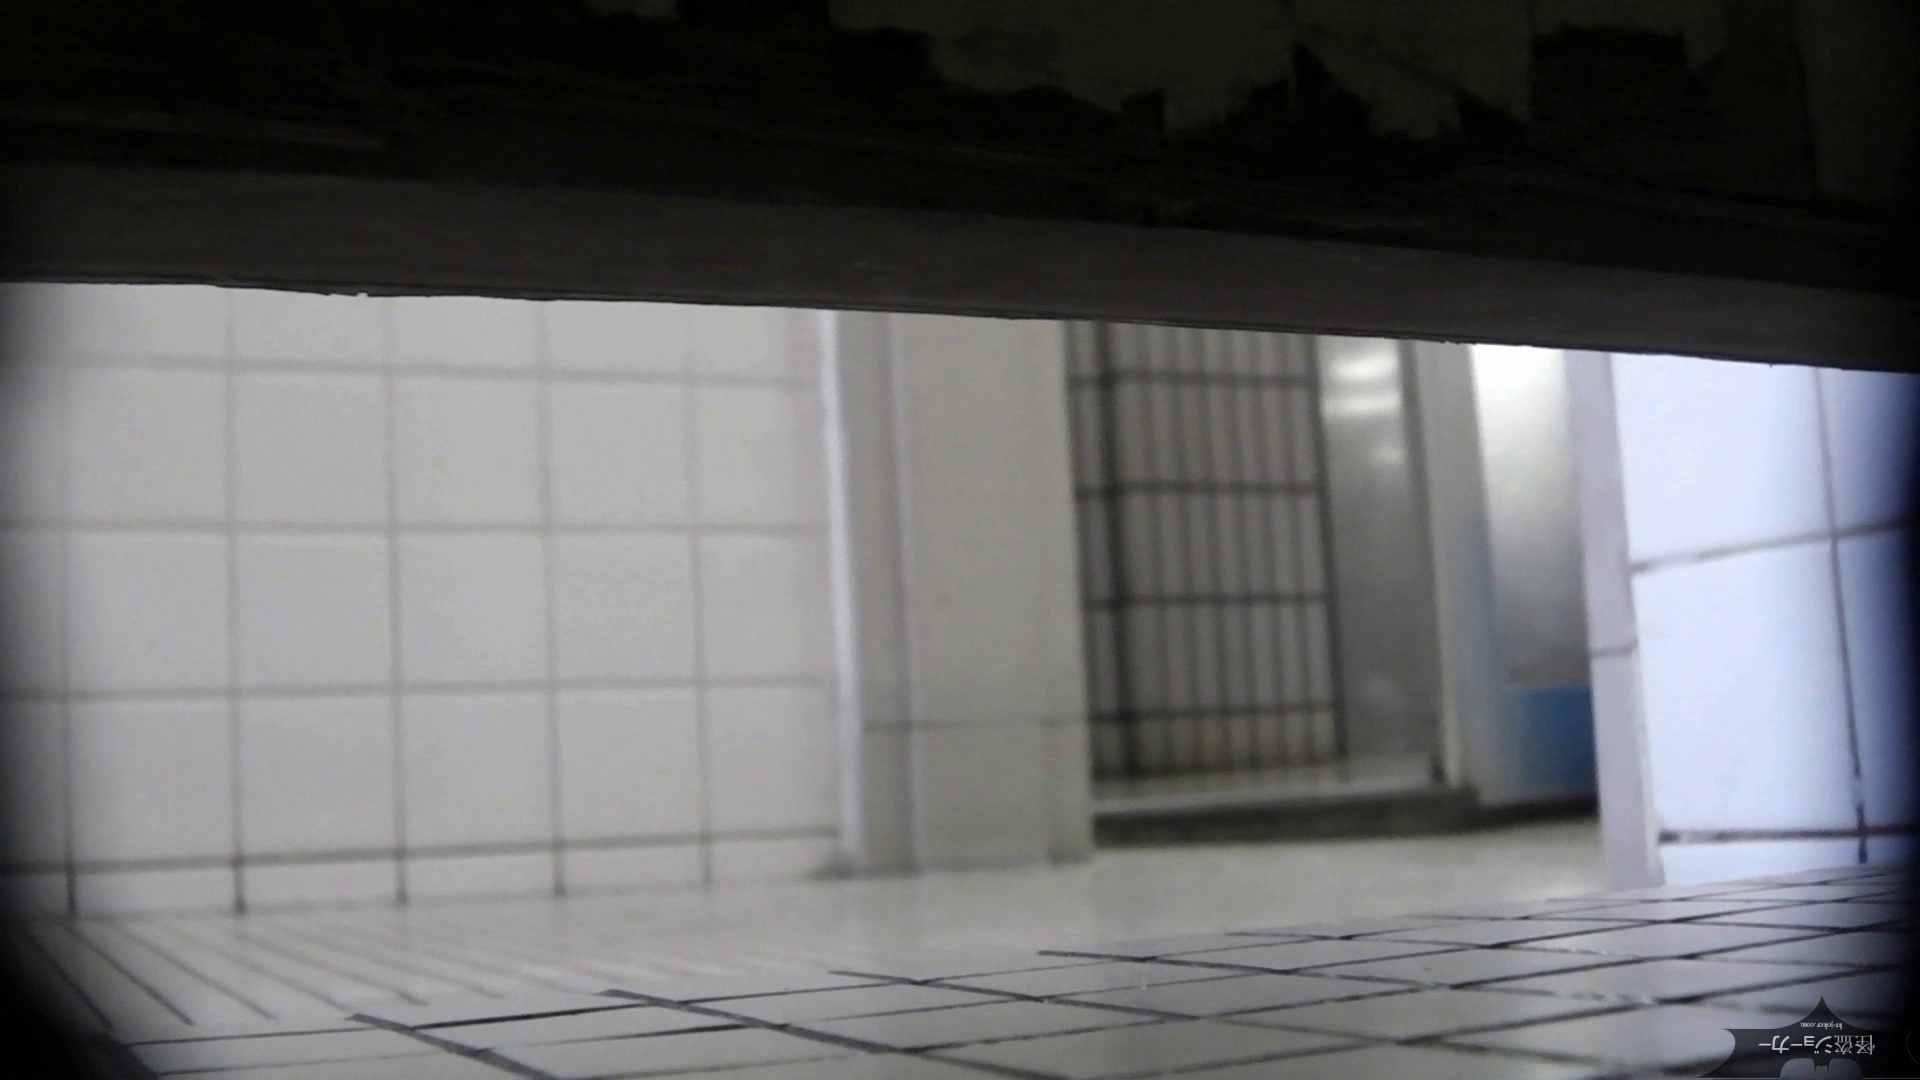 【美しき個室な世界】洗面所特攻隊 vol.051 洗面所 | OLのボディ  72PIX 31